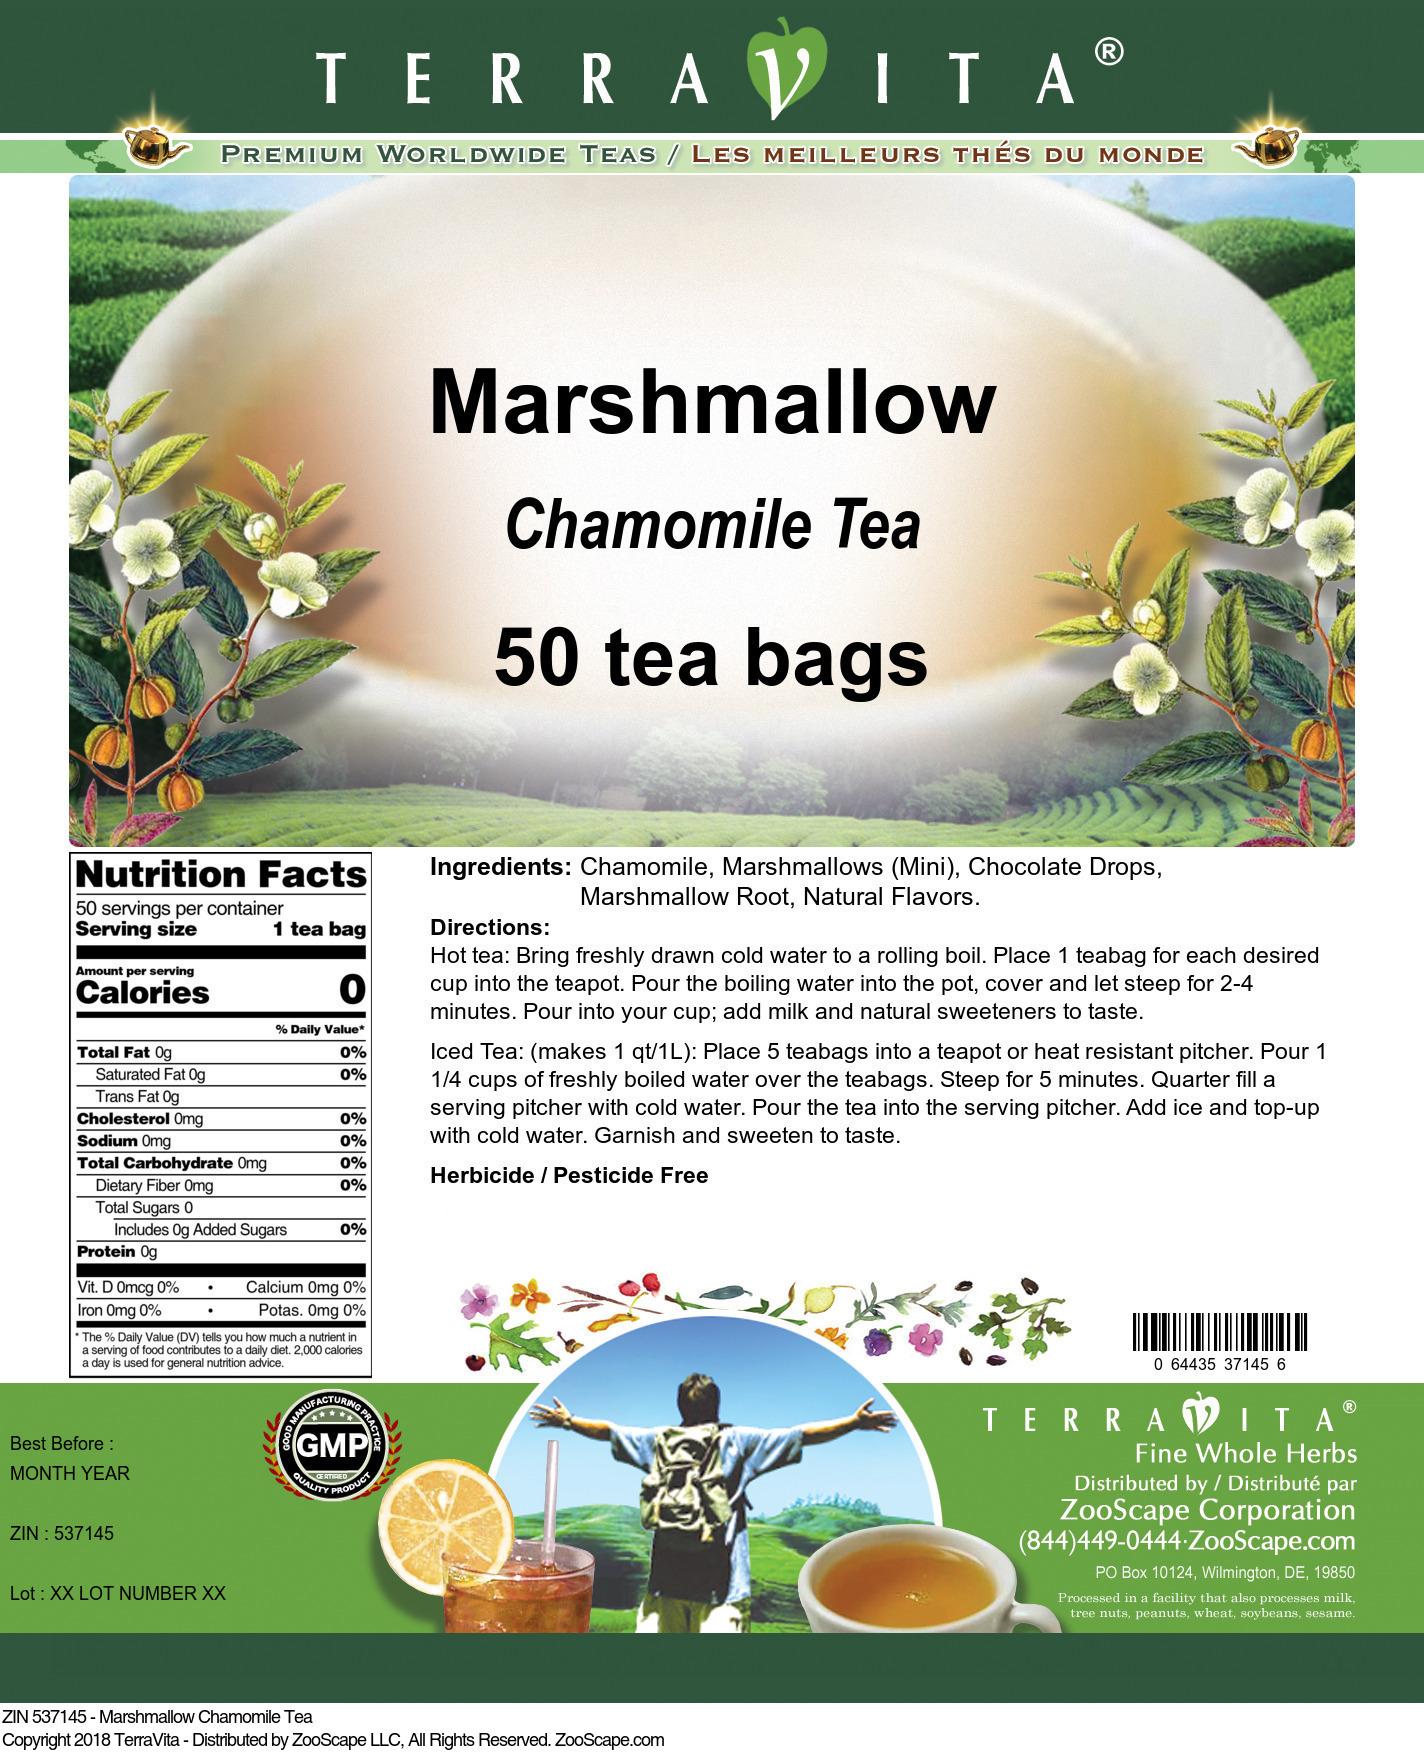 Marshmallow Chamomile Tea